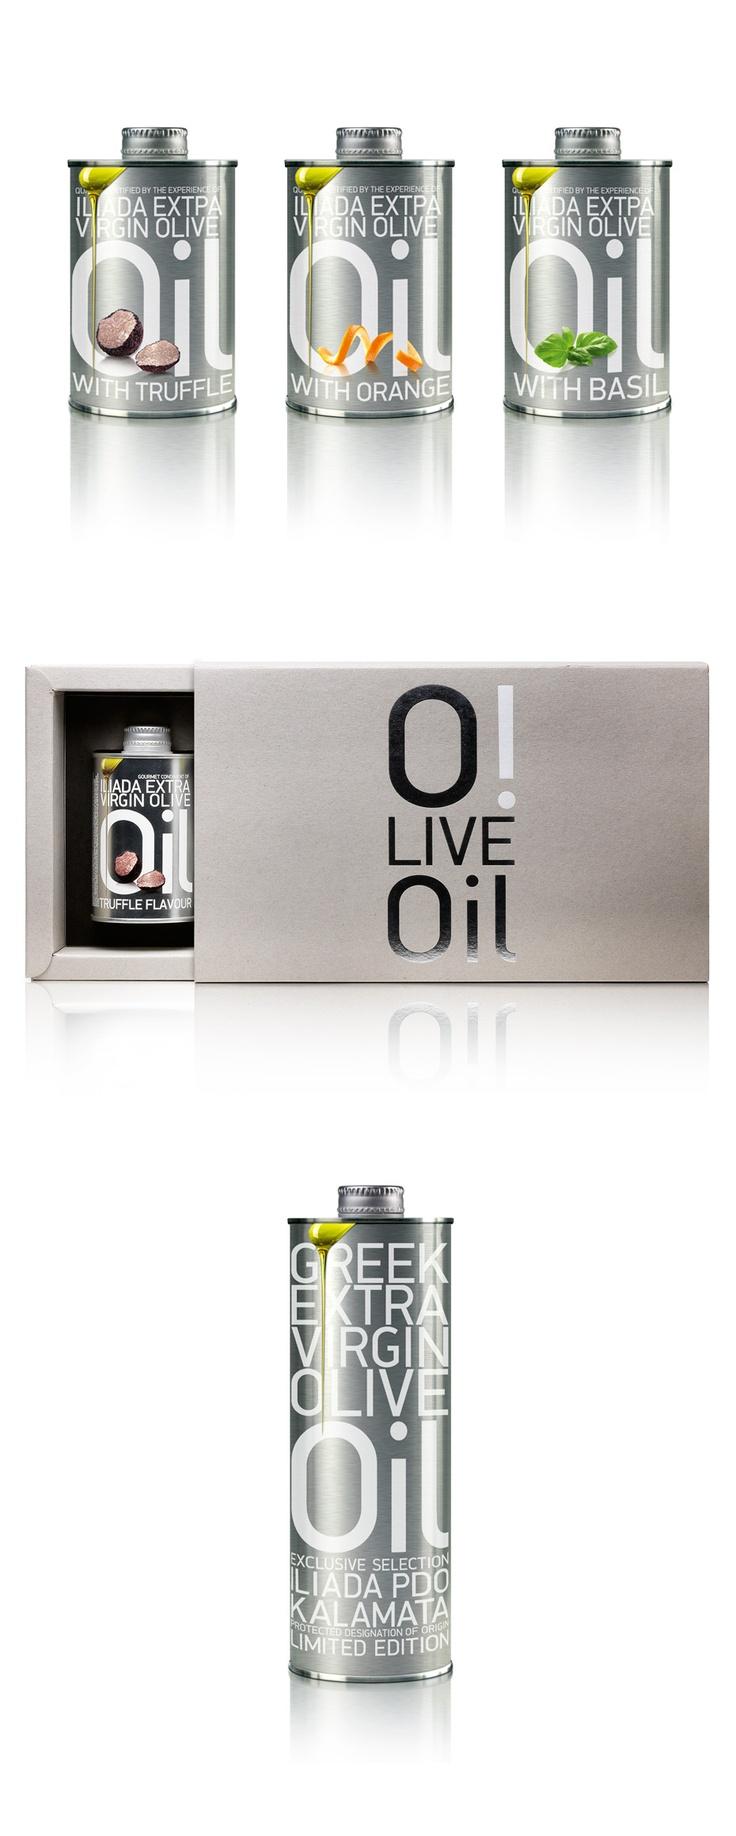 Imaginative!!! ILIADA premium extra virgin olive oils by Agrovim